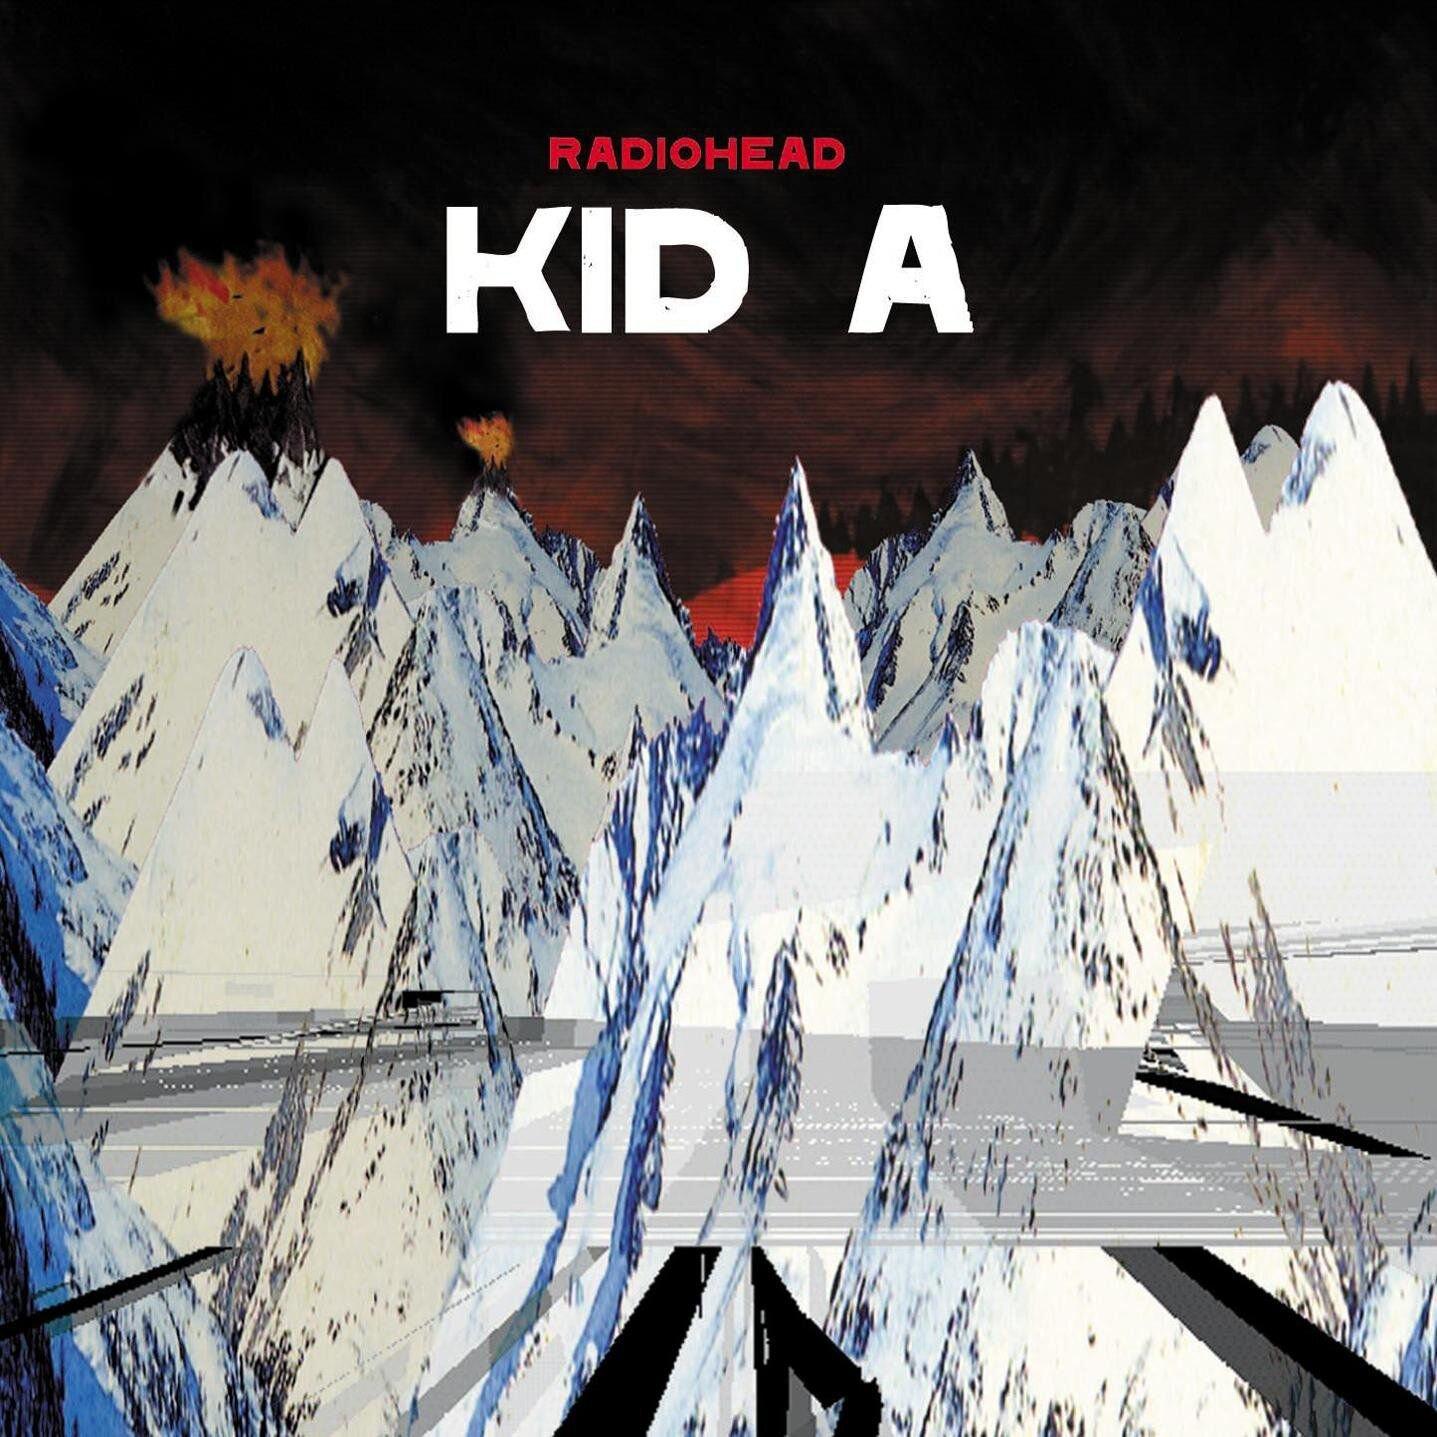 Kid_a_album_cover.jpg